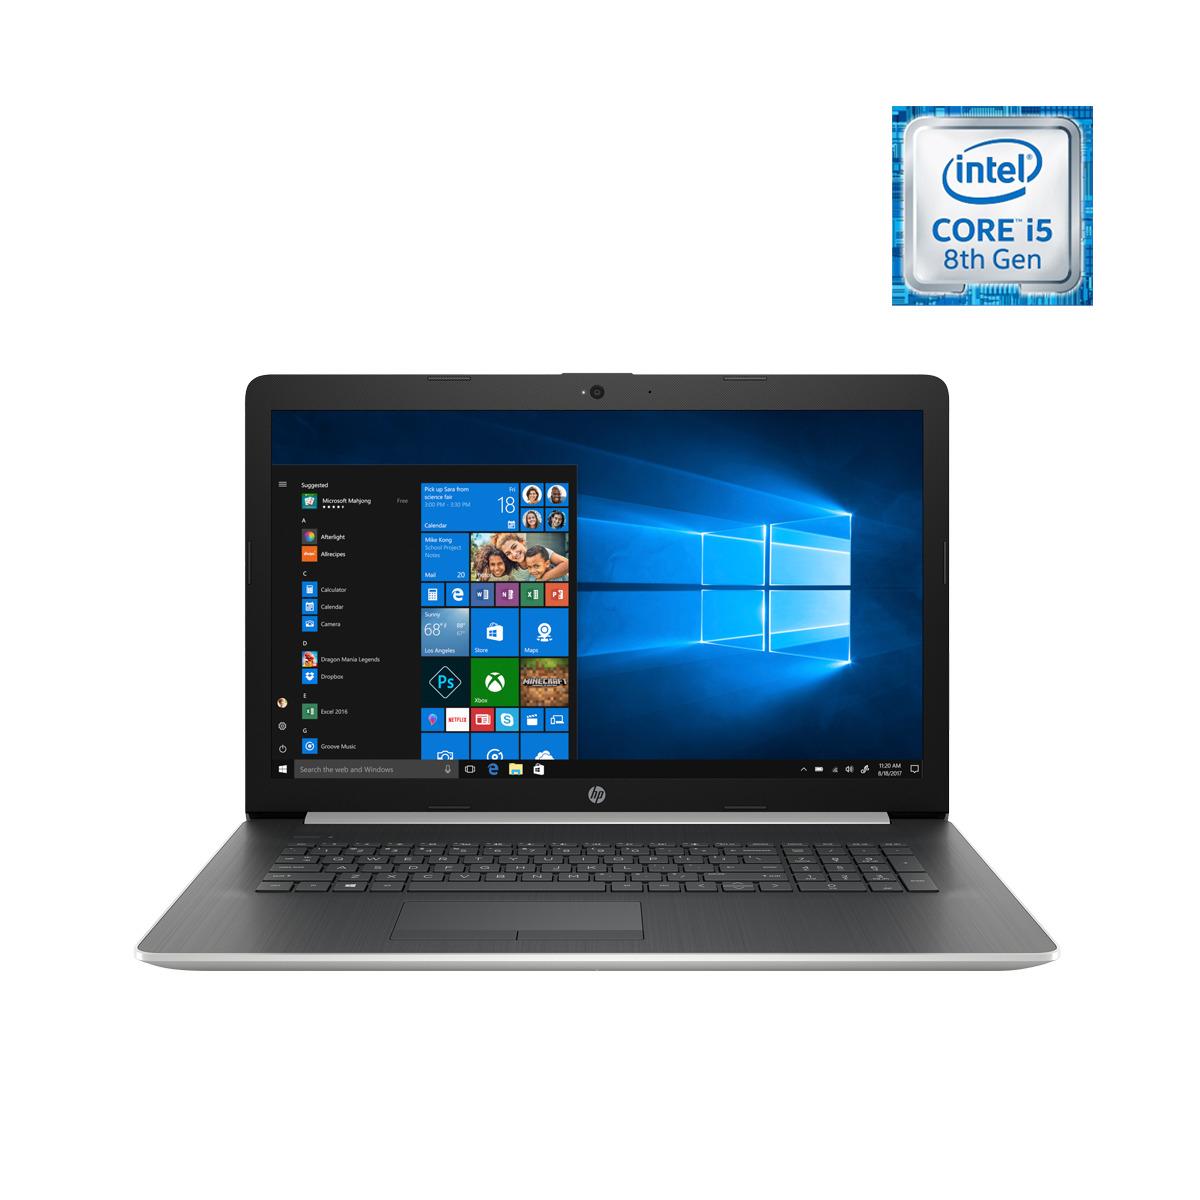 Portátil HP 17-by1003ns, i5, 16 GB, 256 GB SSD, AMD Radeon 520 2GB